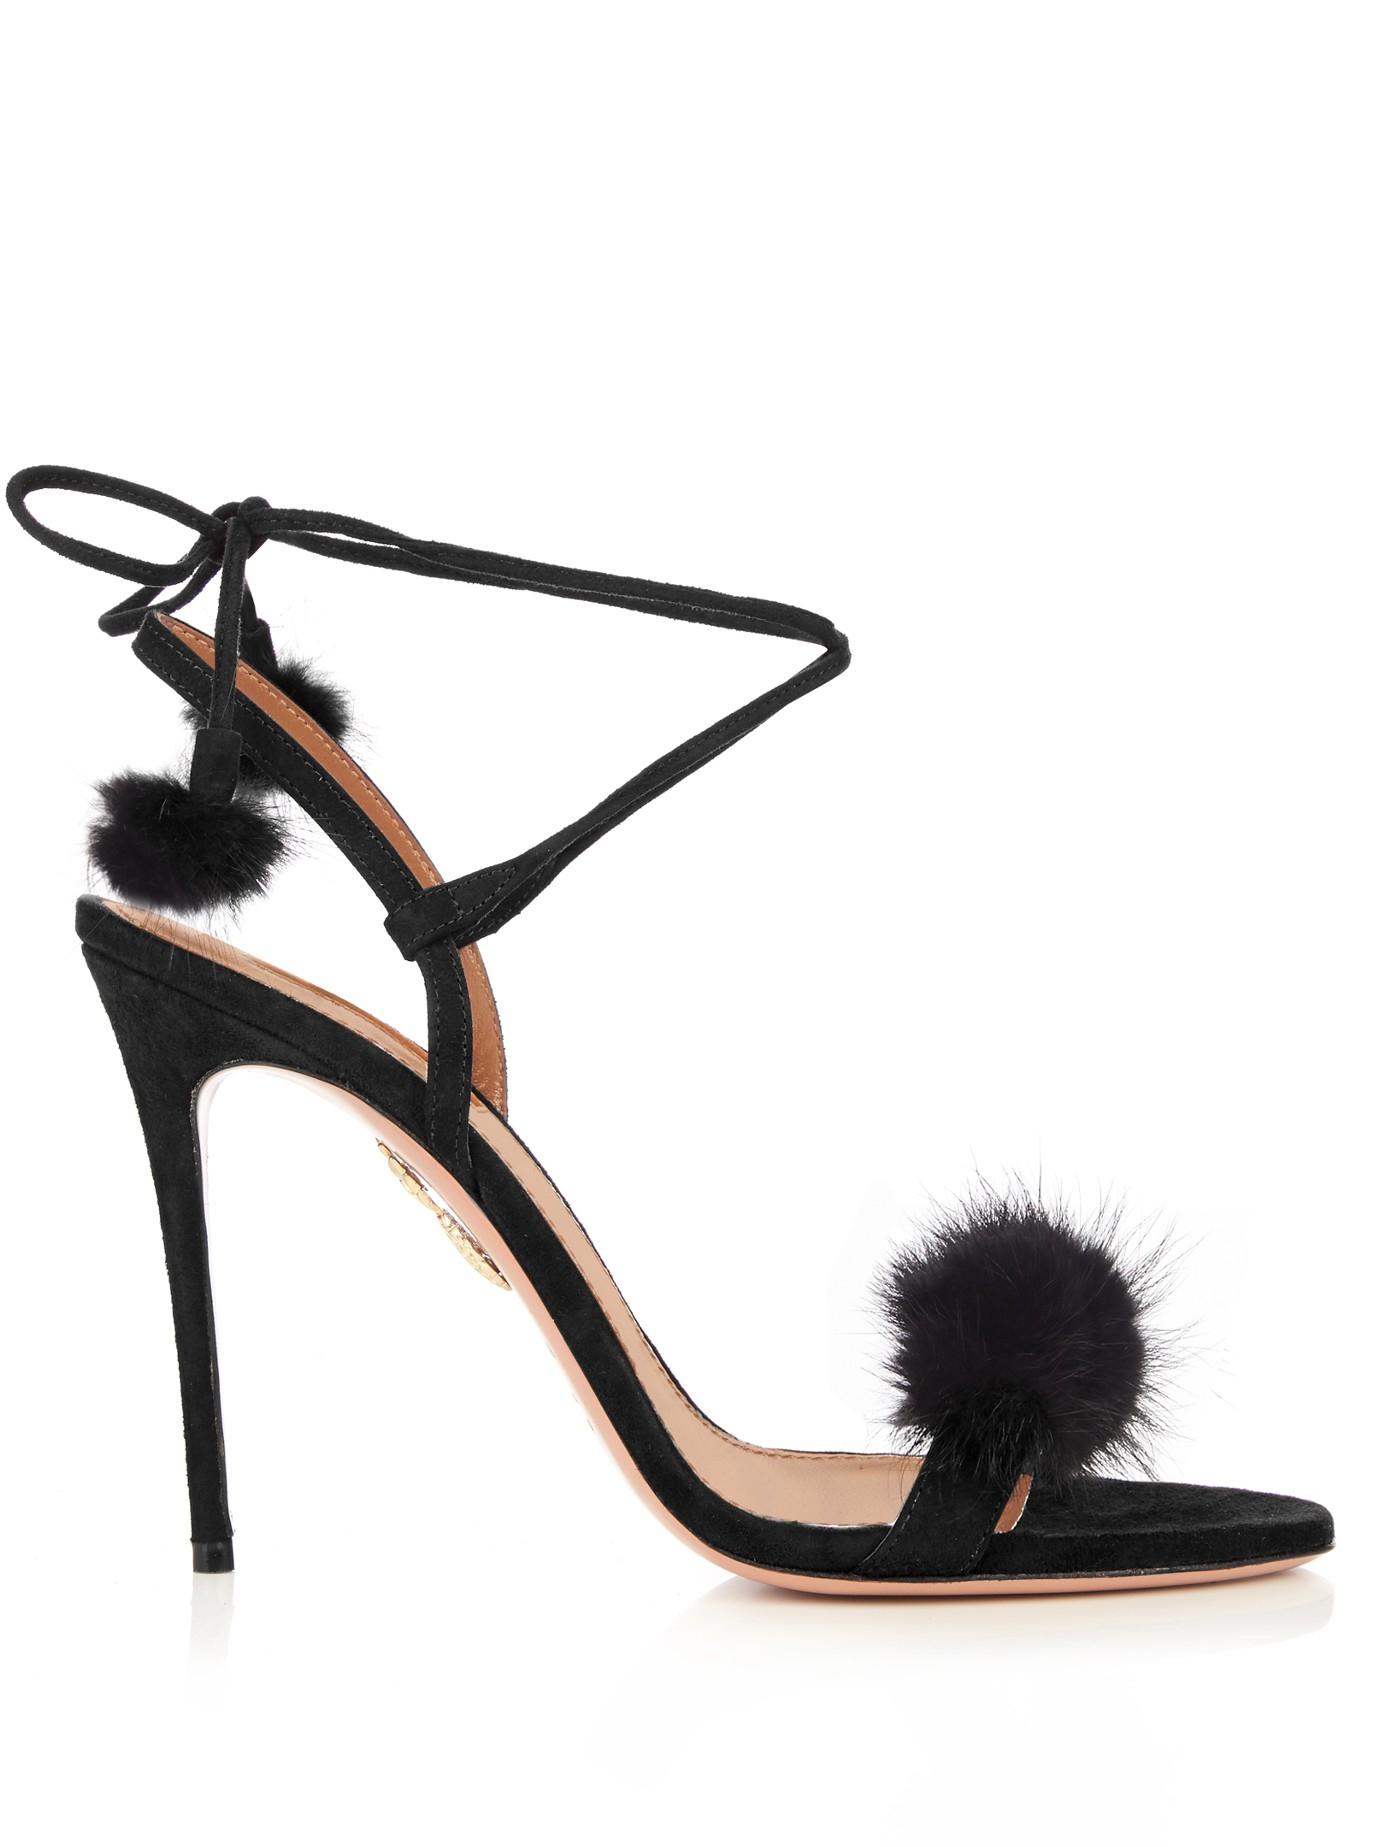 3d871ecc1a9d Lyst - Aquazzura Wild Russian Fur And Suede Sandals in Black